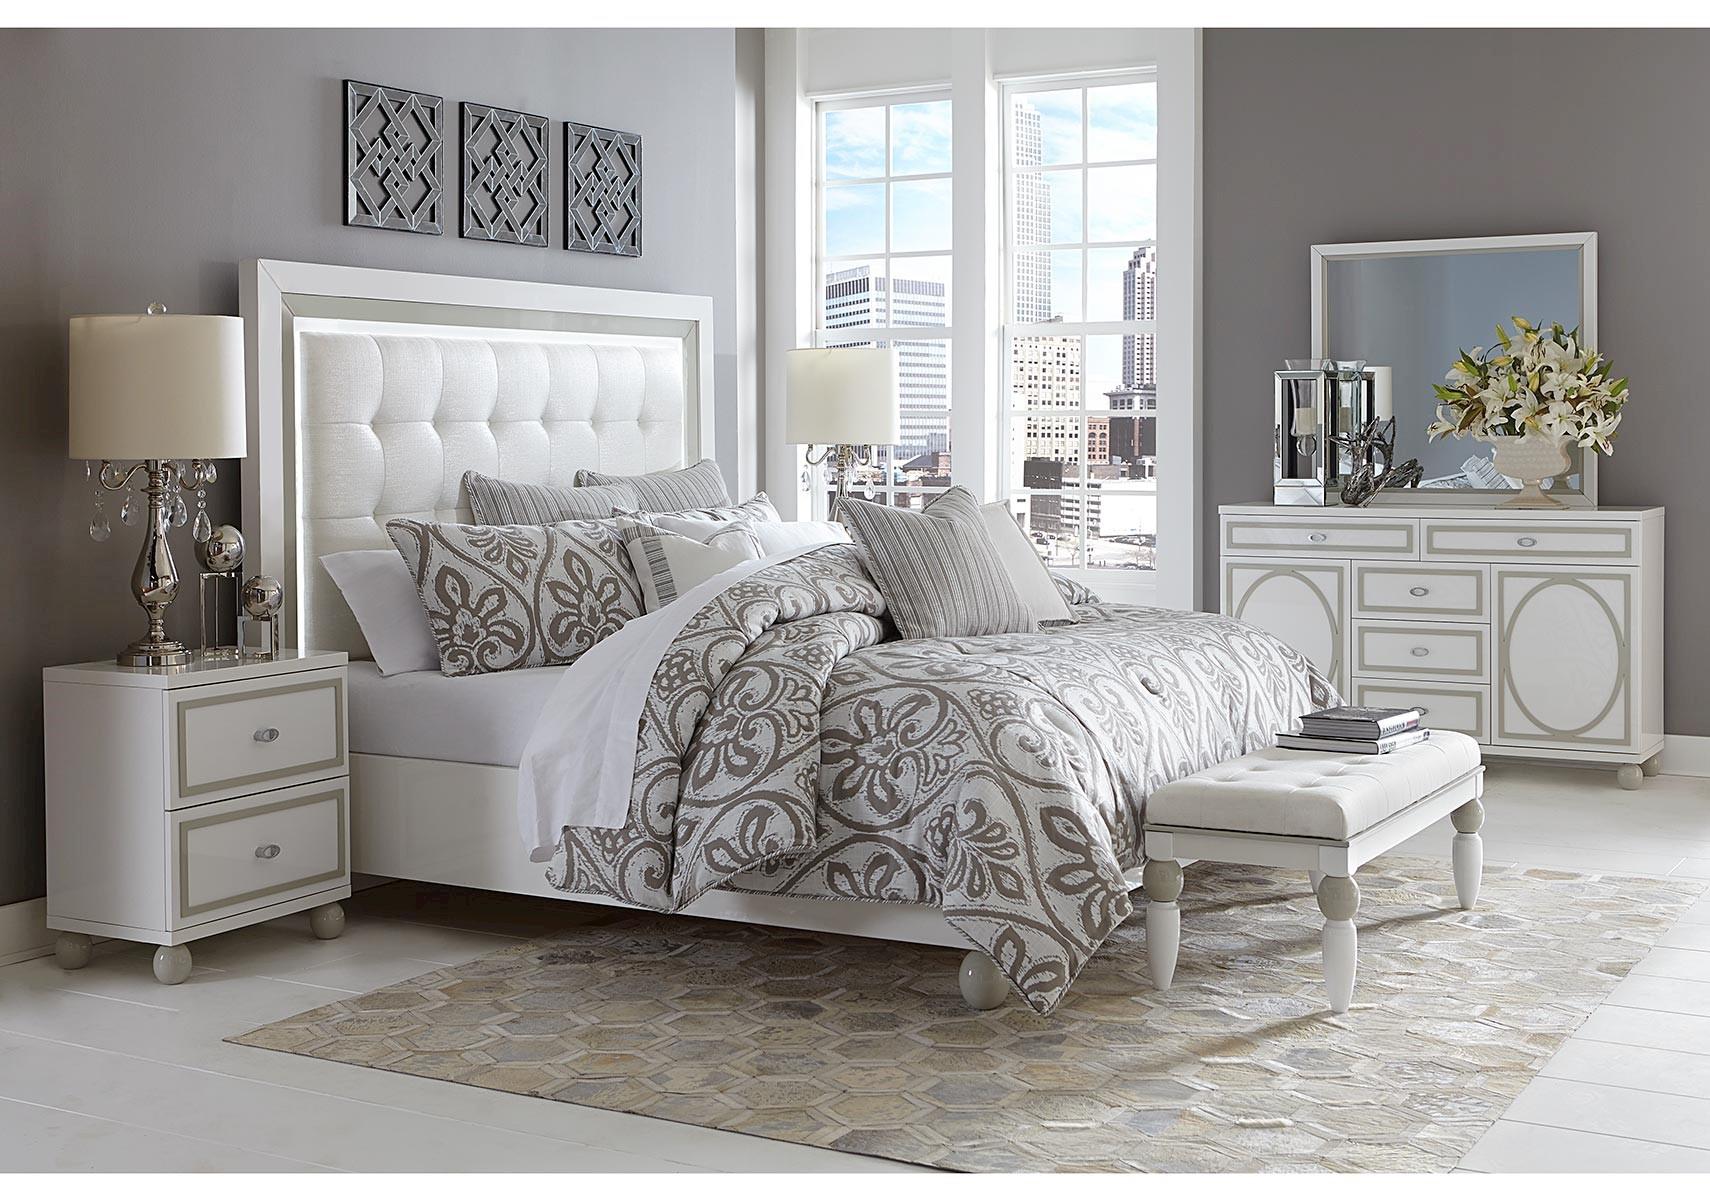 Lacks | Sky Tower 4-Pc Queen Bedroom Set